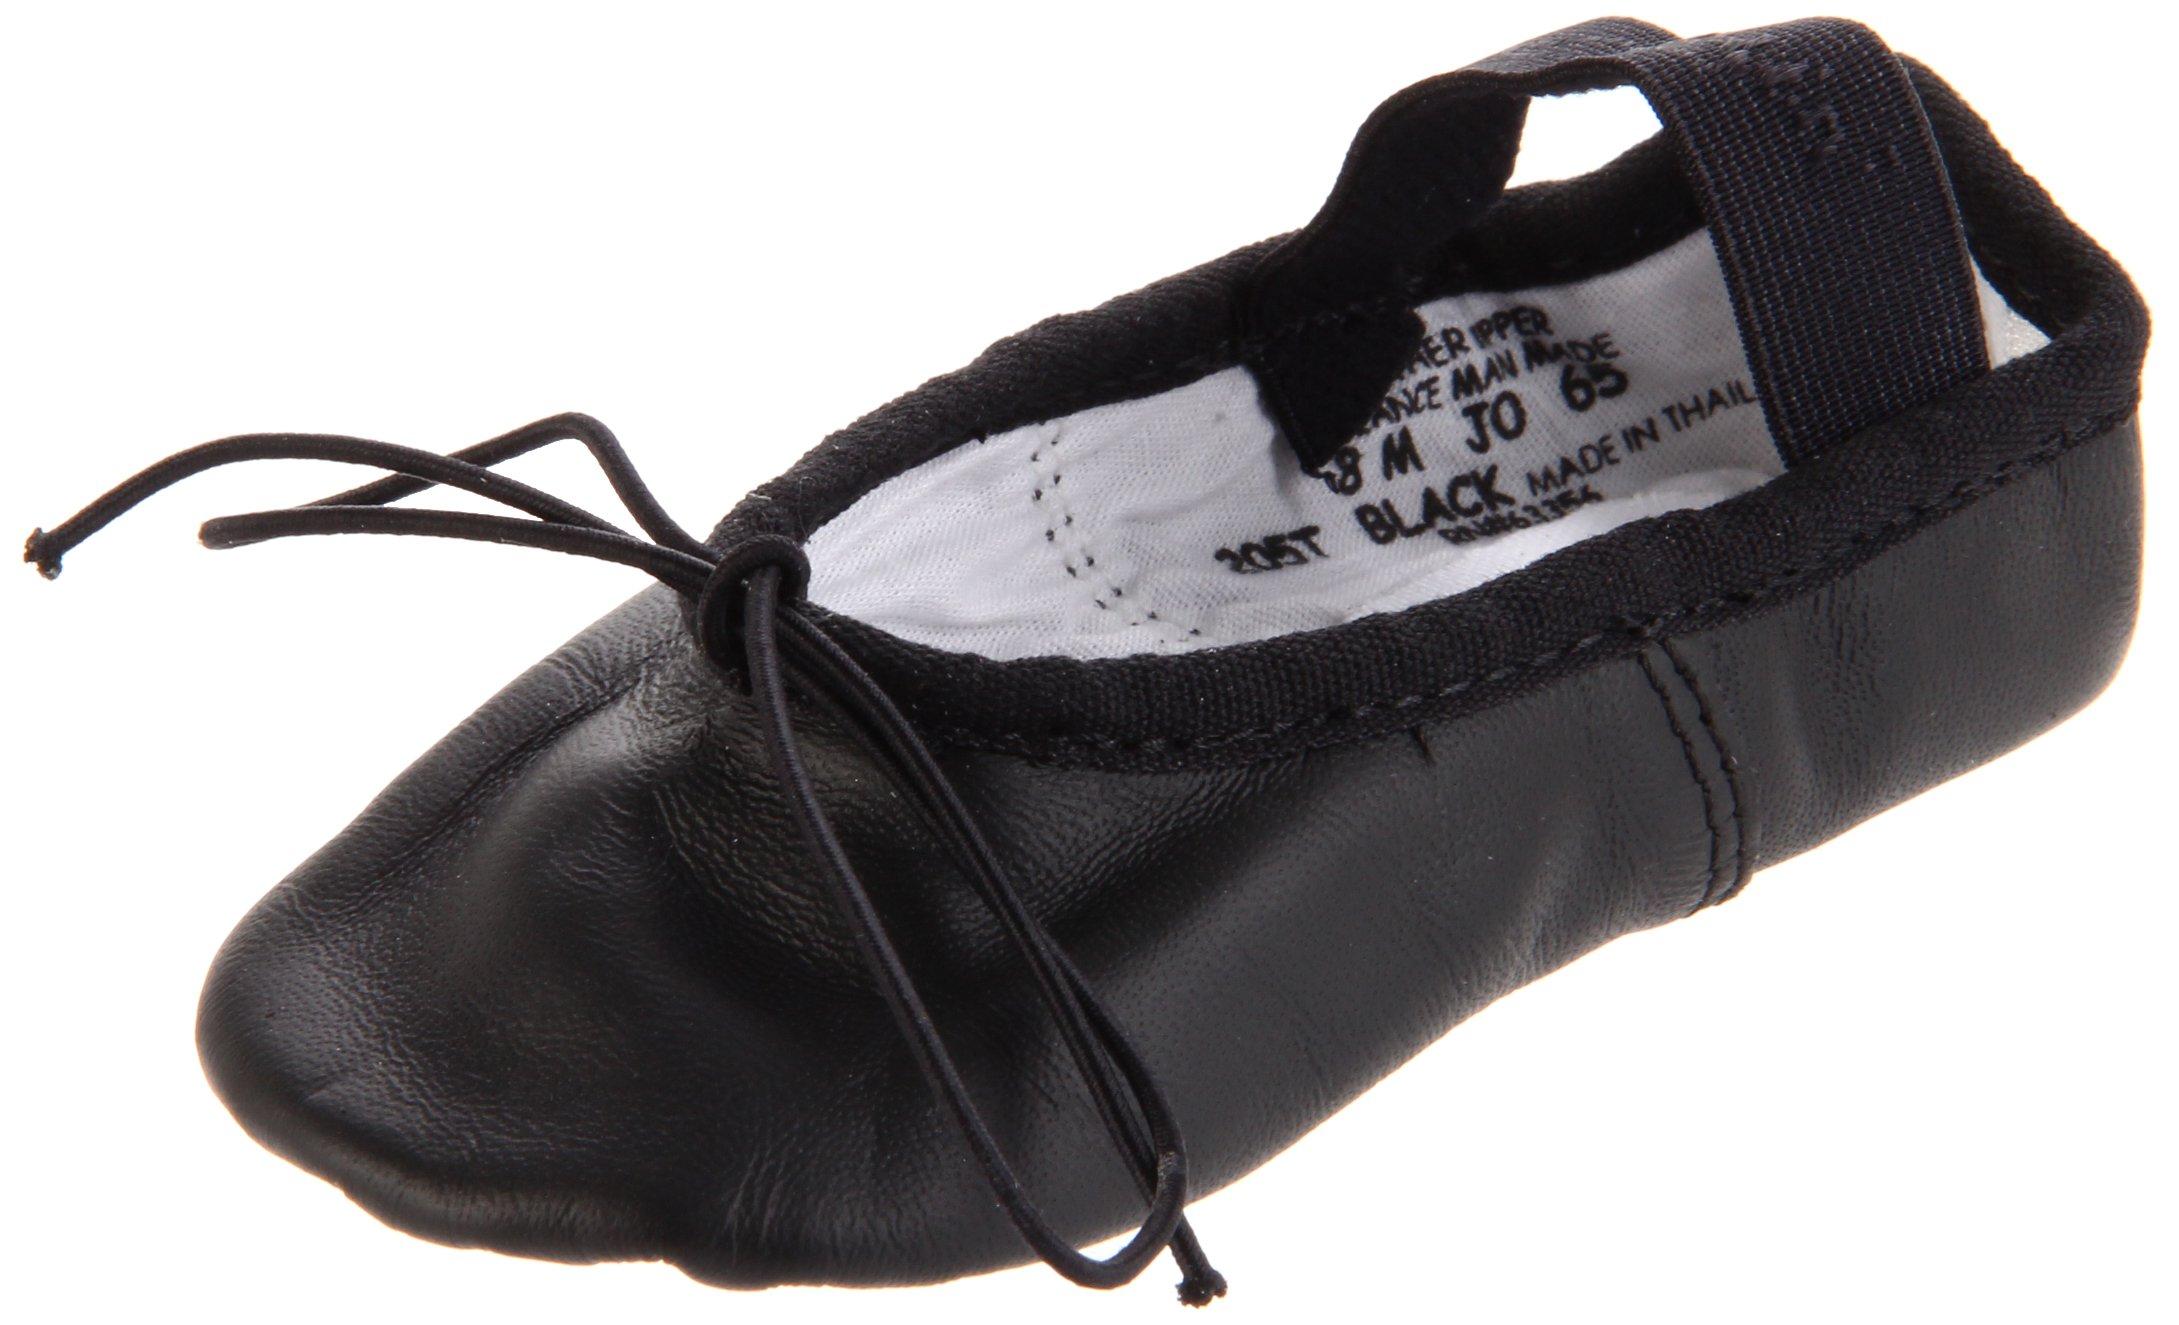 Capezio Daisy 205 Ballet Shoe (Toddler/Little Kid),Black,6.5 M US Toddler by Capezio